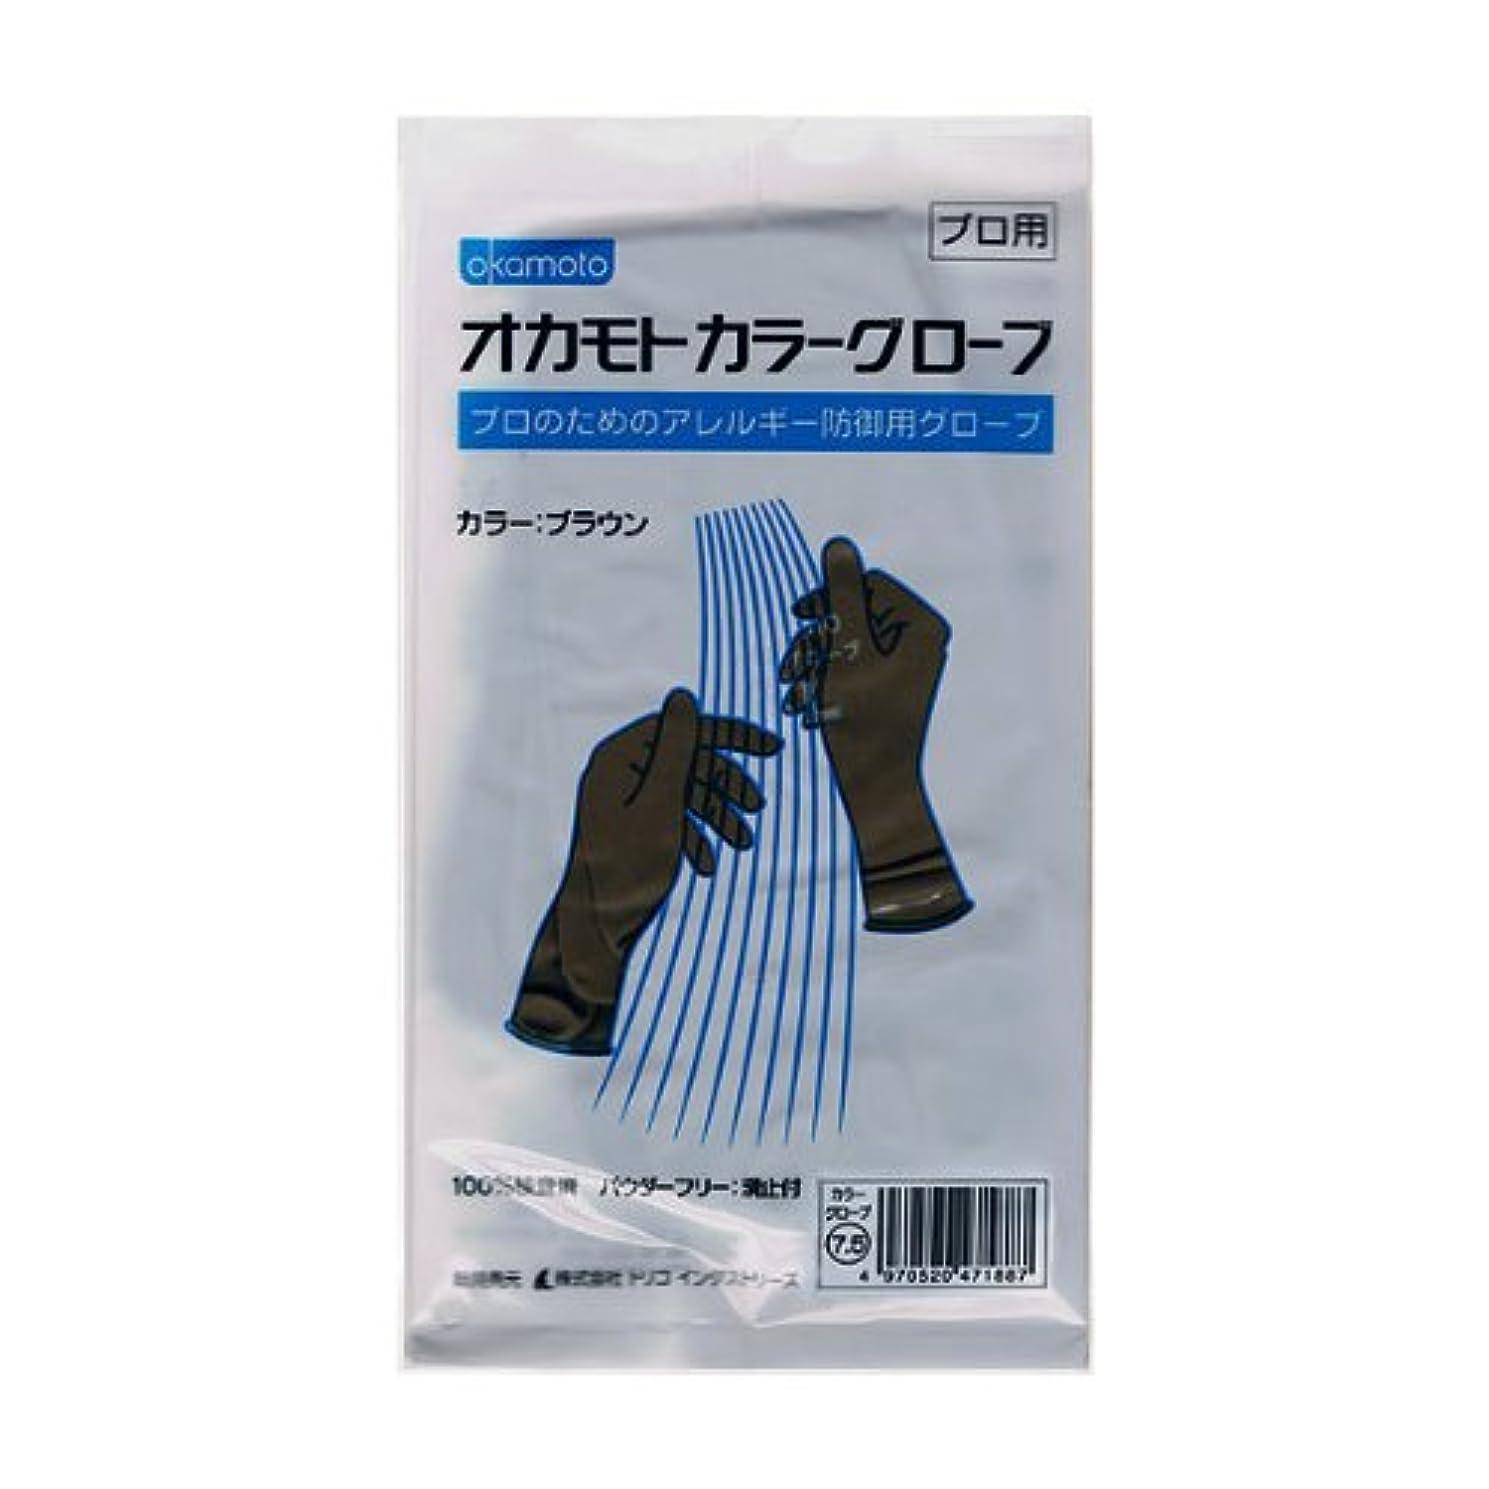 袋国歌扇動オカモト カラーグローブ 7.5 カラーブラウン 1双入